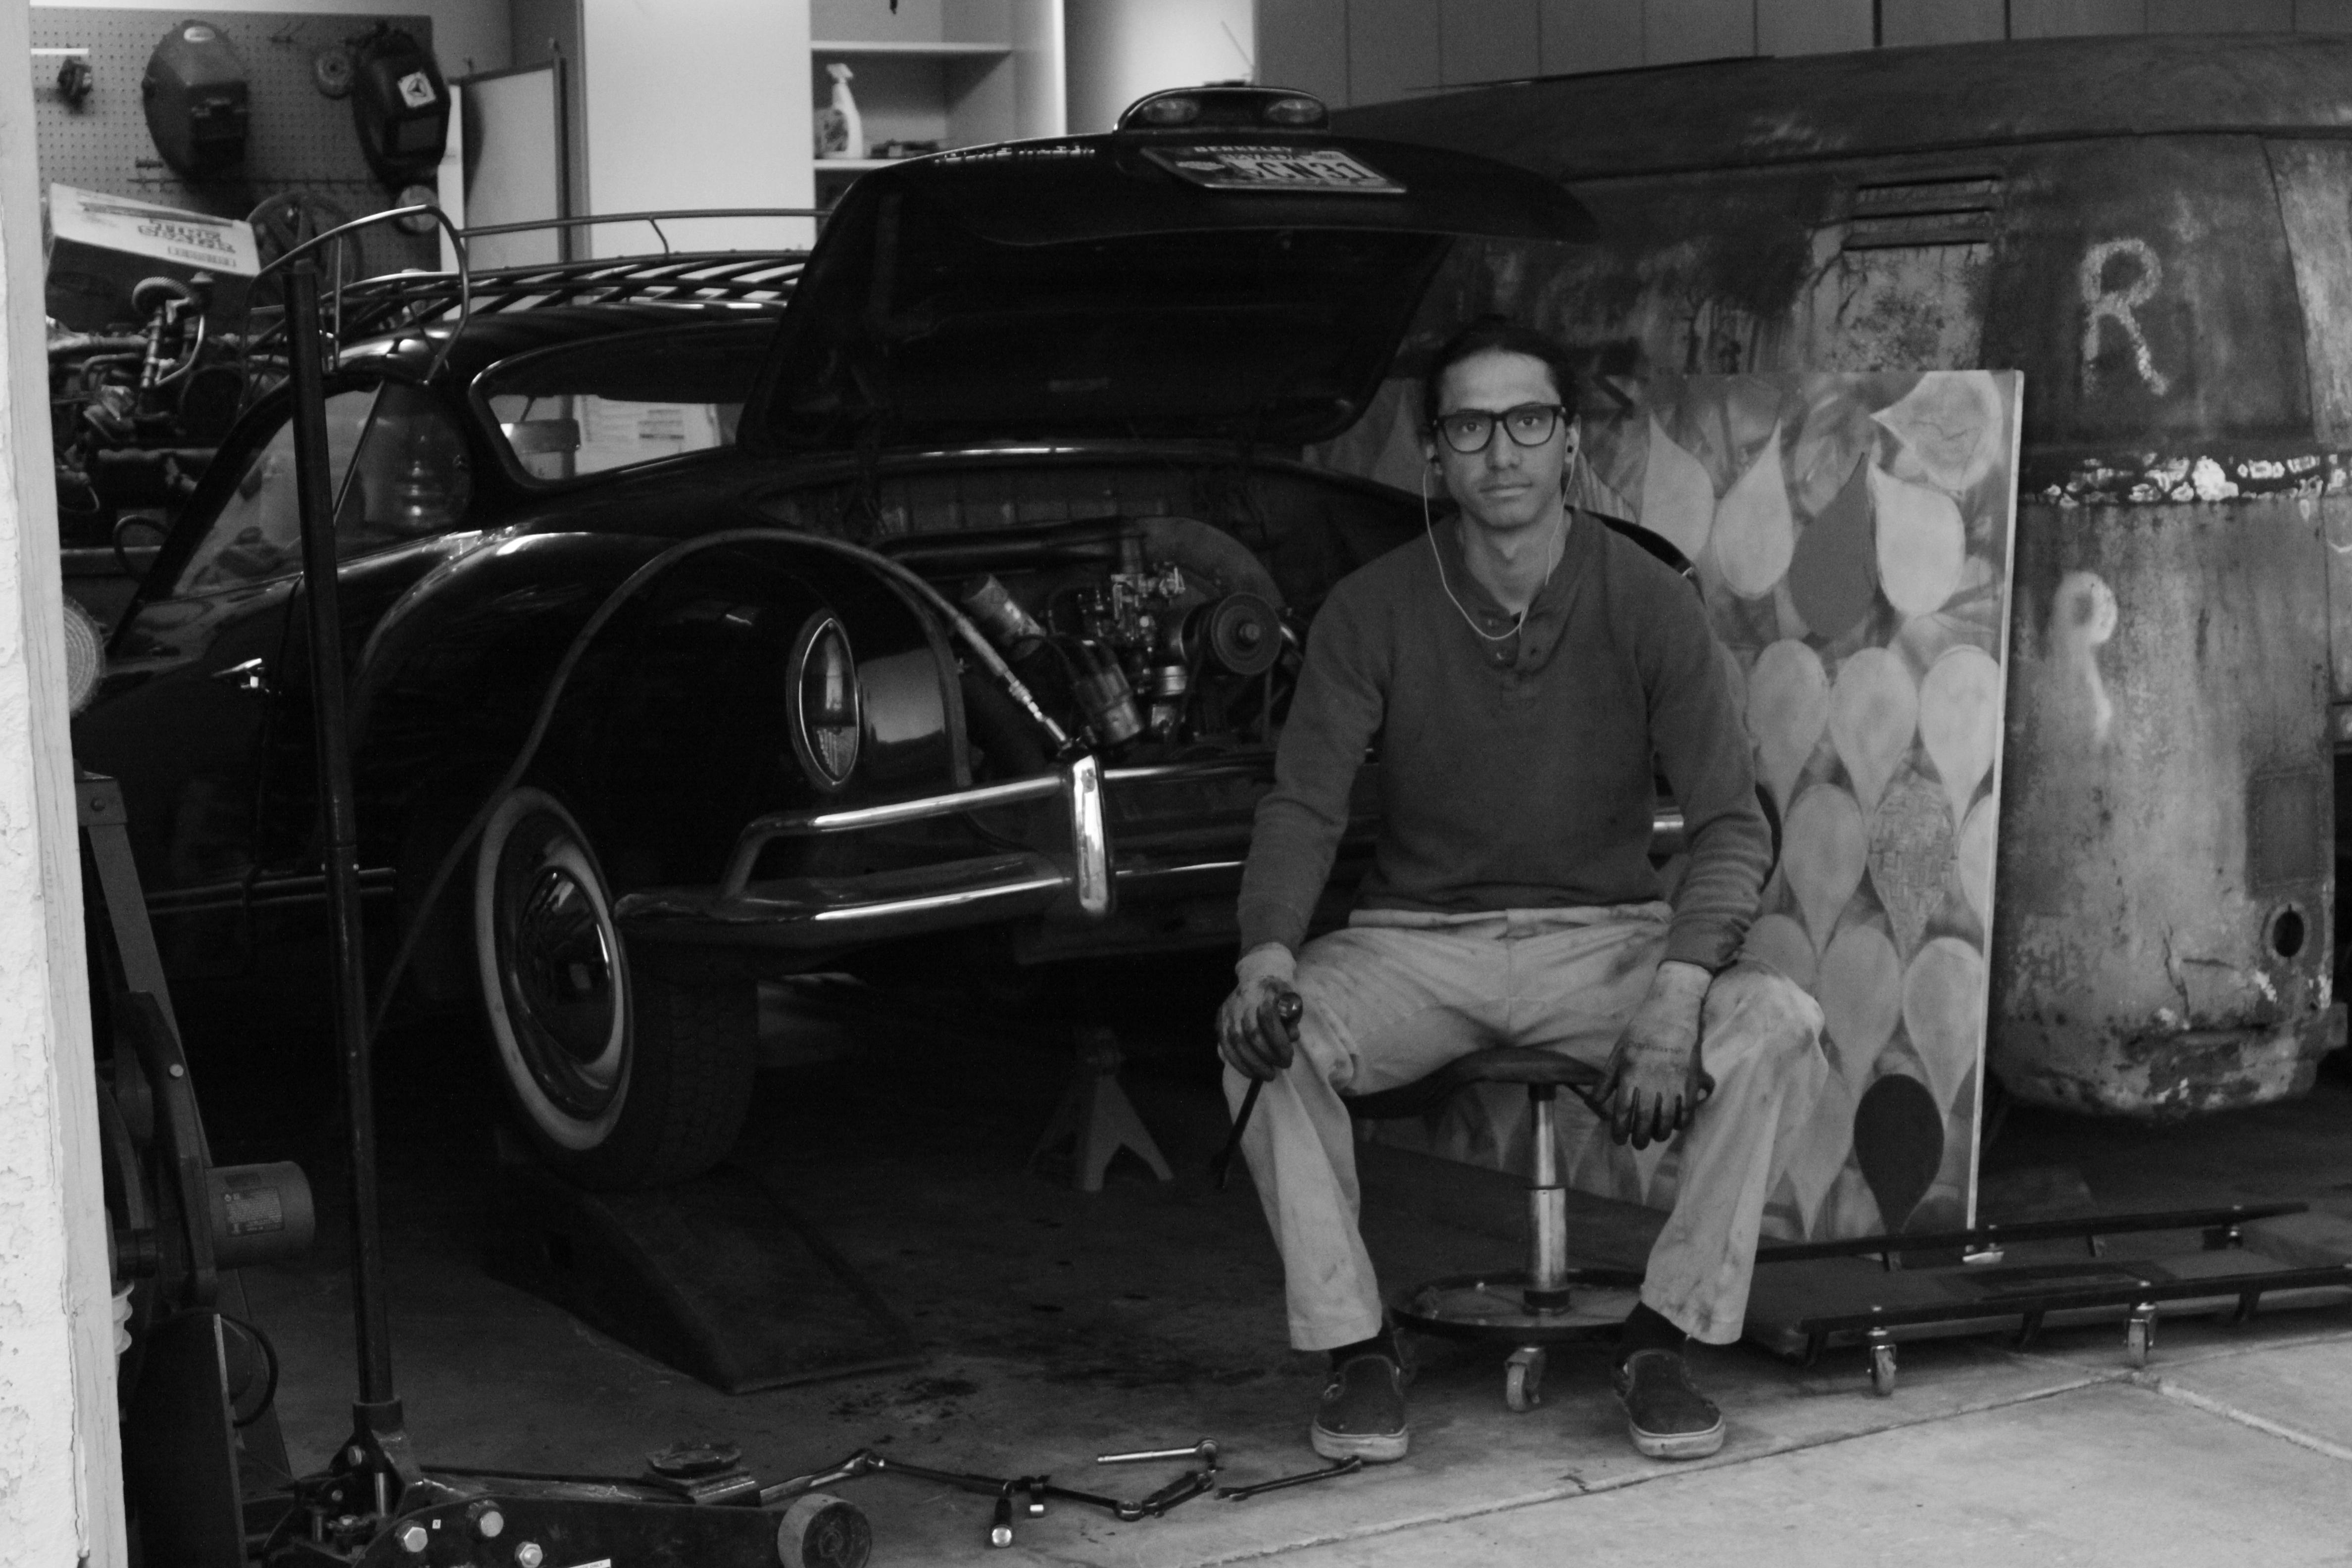 1962 VW Karman Ghia